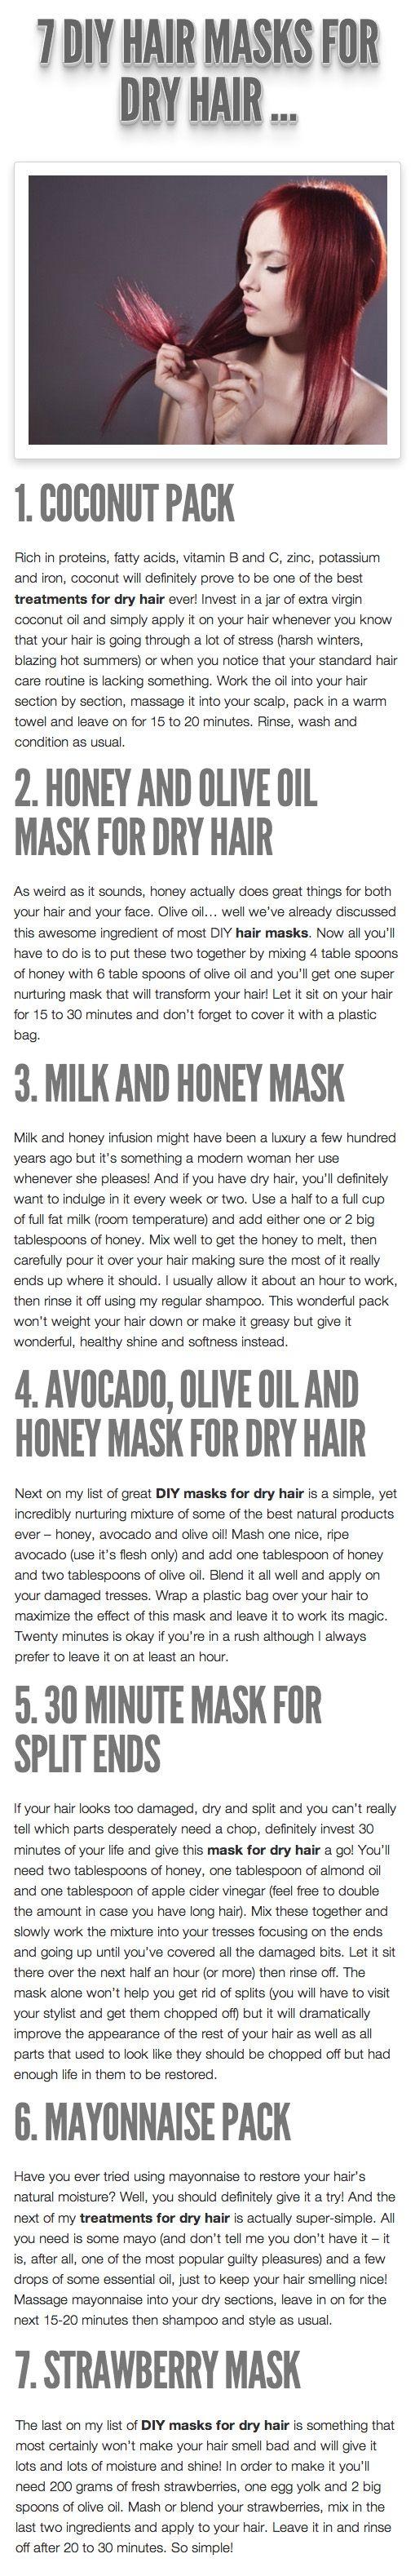 HAIR MASQUES :: 7 DIY's for rescuing DRY Hair | #allwomenstalk #masque #diyhair